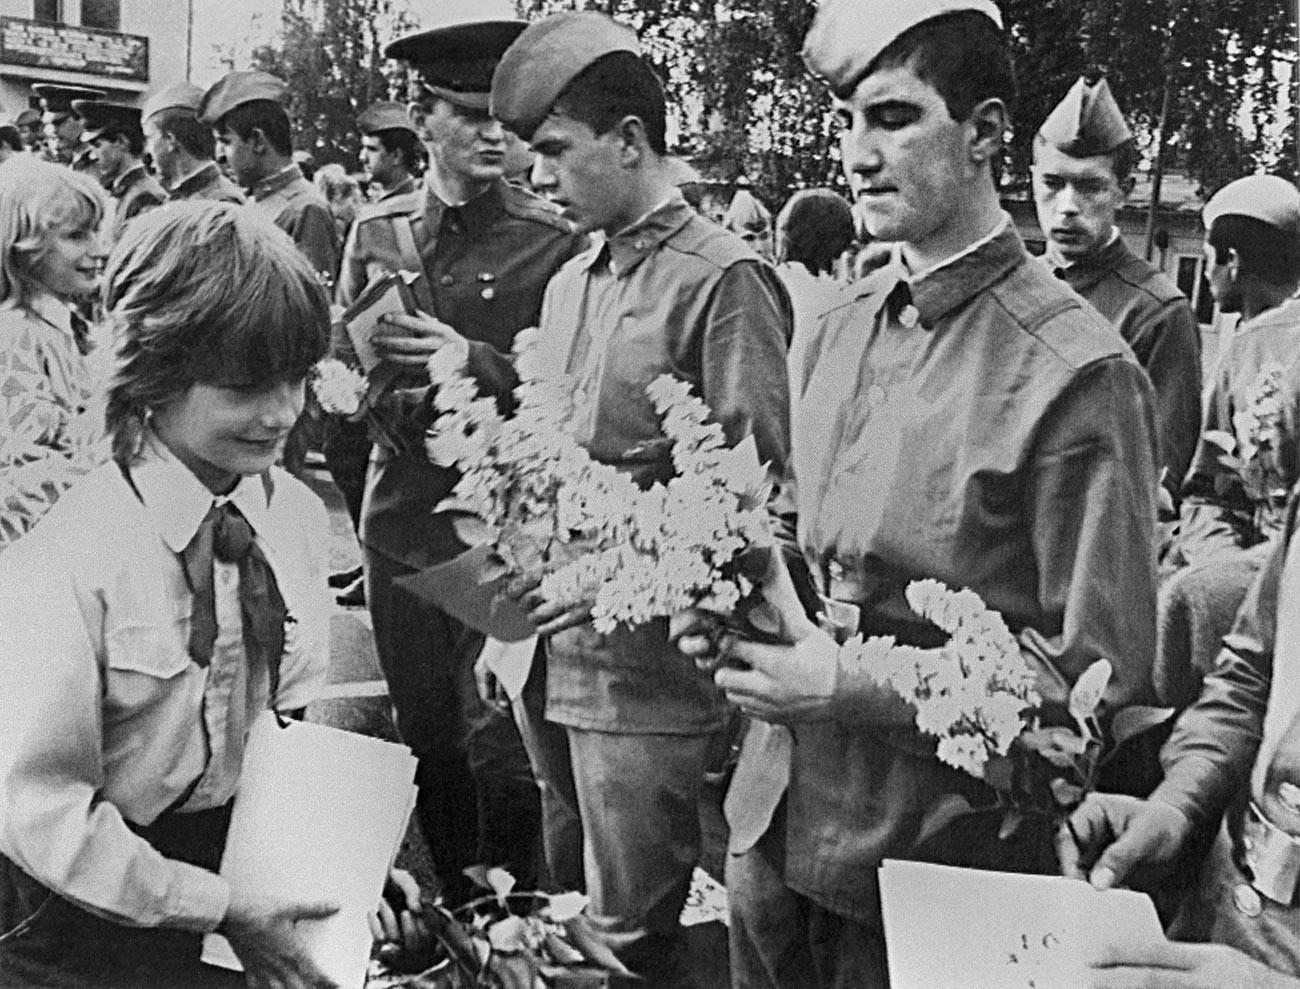 Retrait des troupes soviétiques de Tchécoslovaquie, 1989. Les pionniers d'une école locale font leurs adieux chaleureux aux soldats soviétiques.